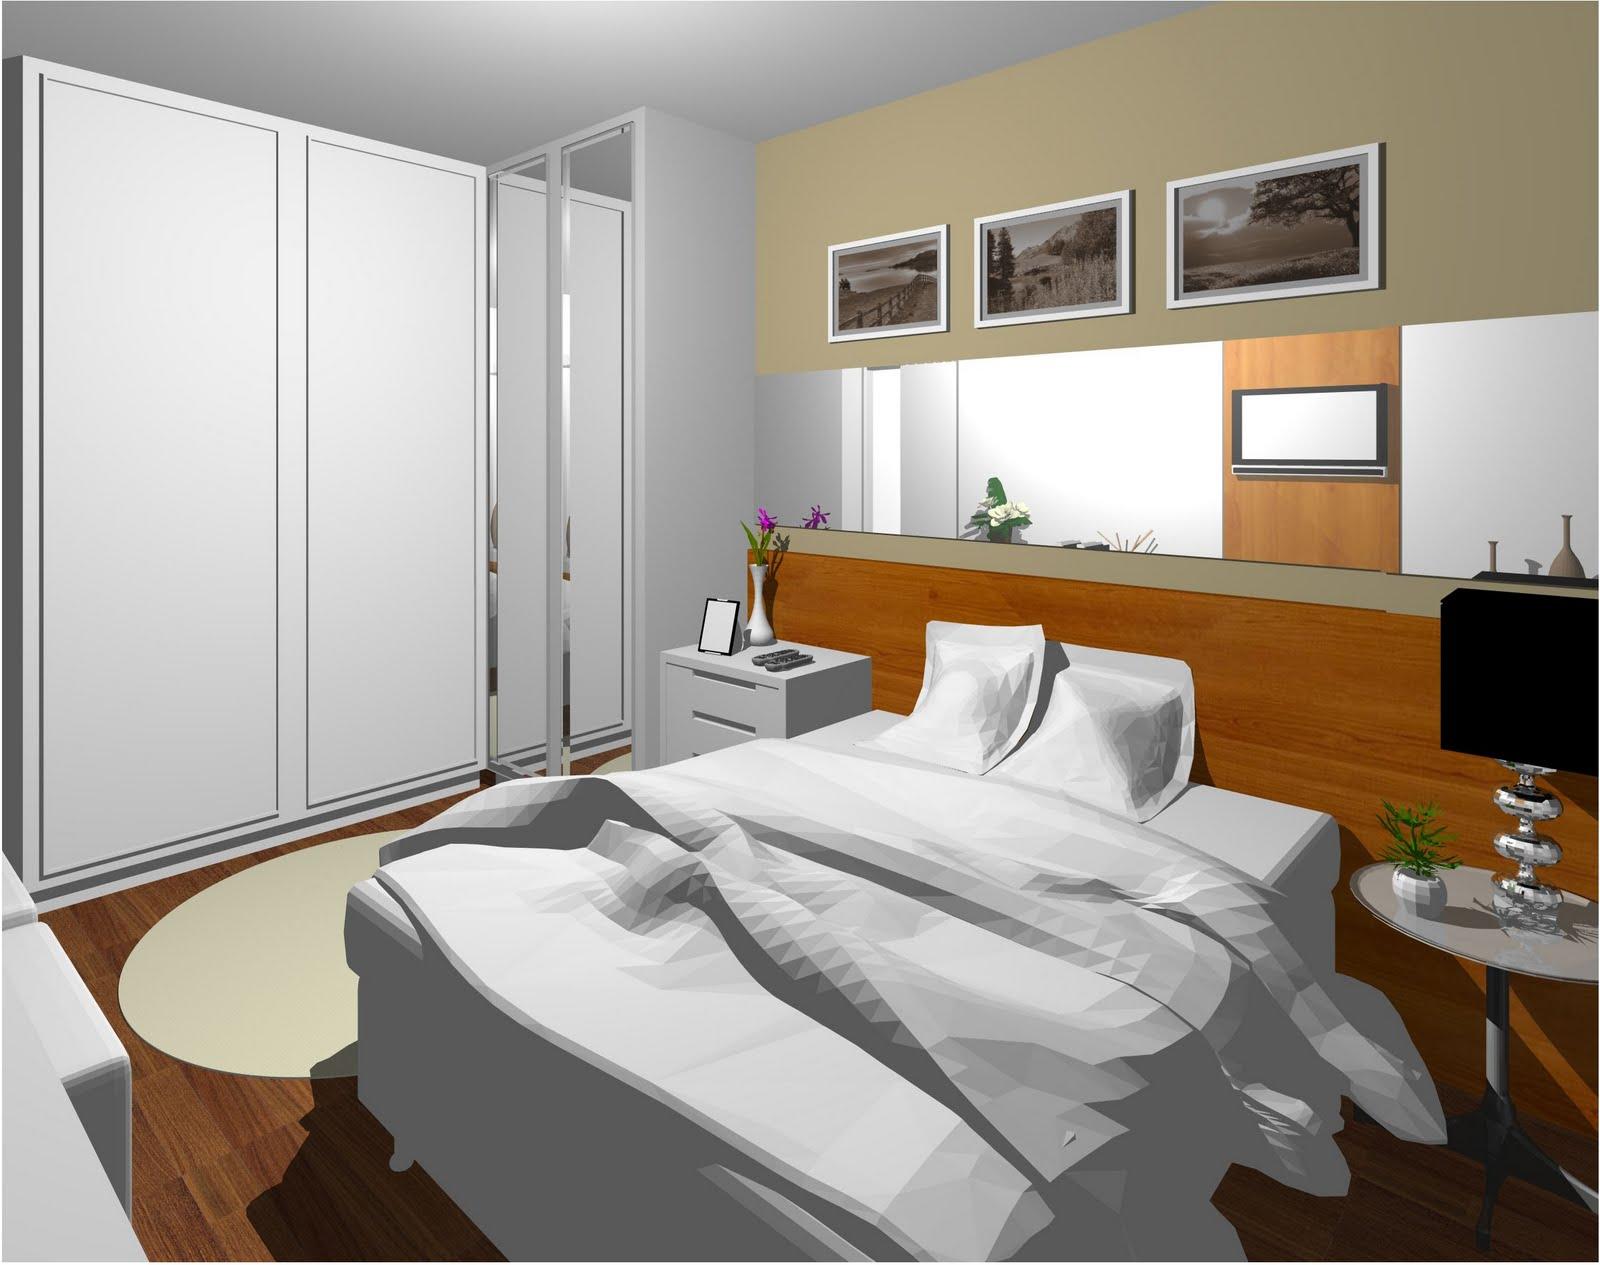 Arquitetura & Design Quarto do Casal ~ Quarto Casal Design